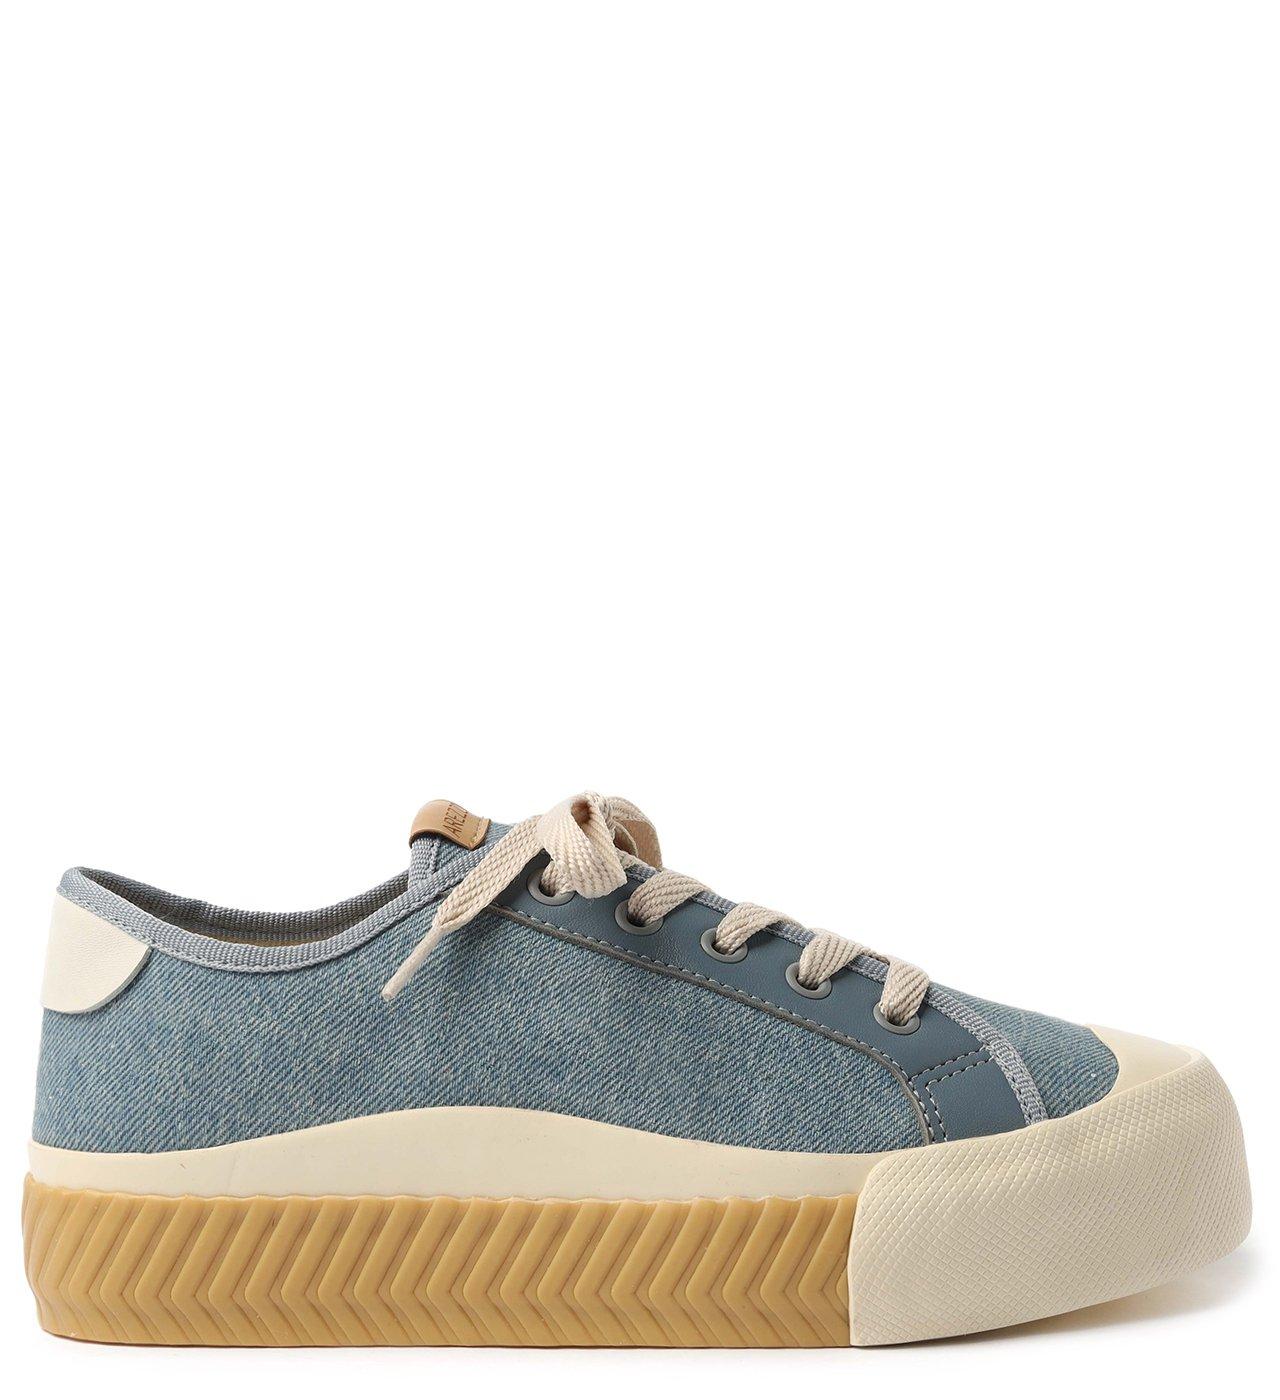 Tênis Azul Jeans Flatform Zz Rubber | Arezzo